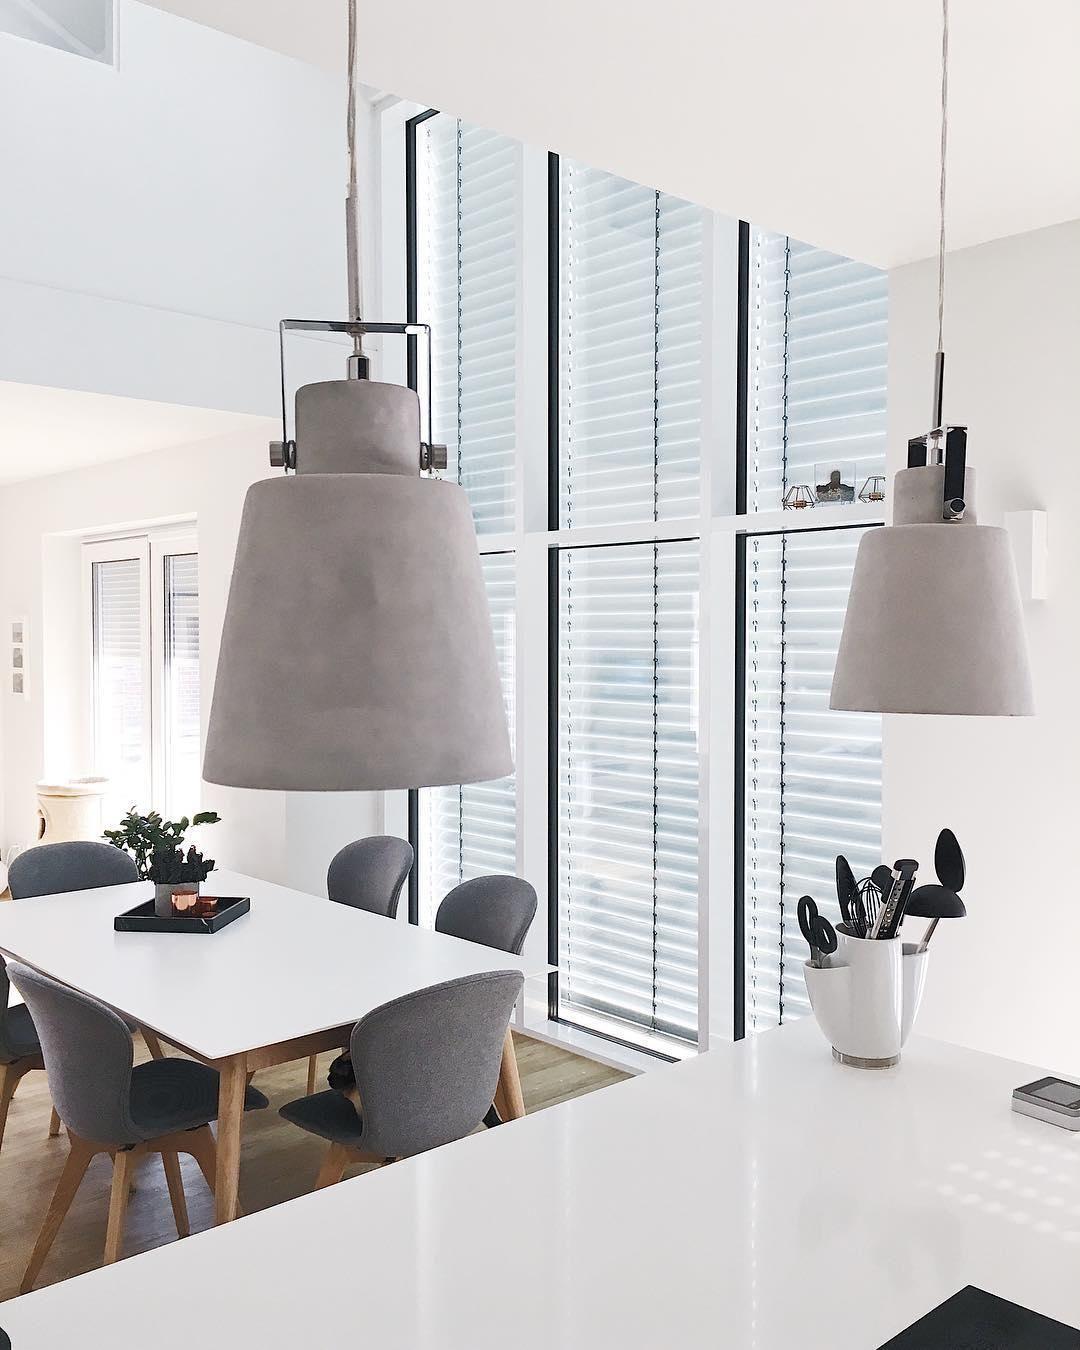 Lampe Küche, Lampen Esszimmer